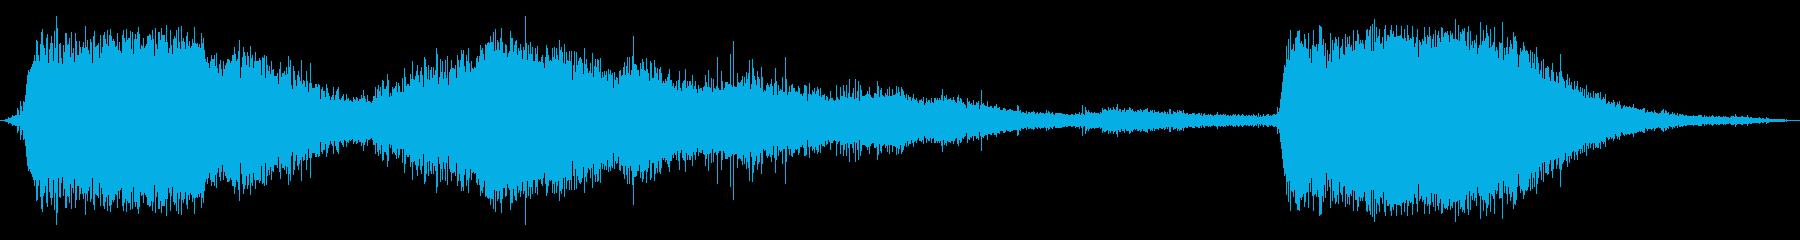 大型倉庫プーリー:プルチェーン、残...の再生済みの波形